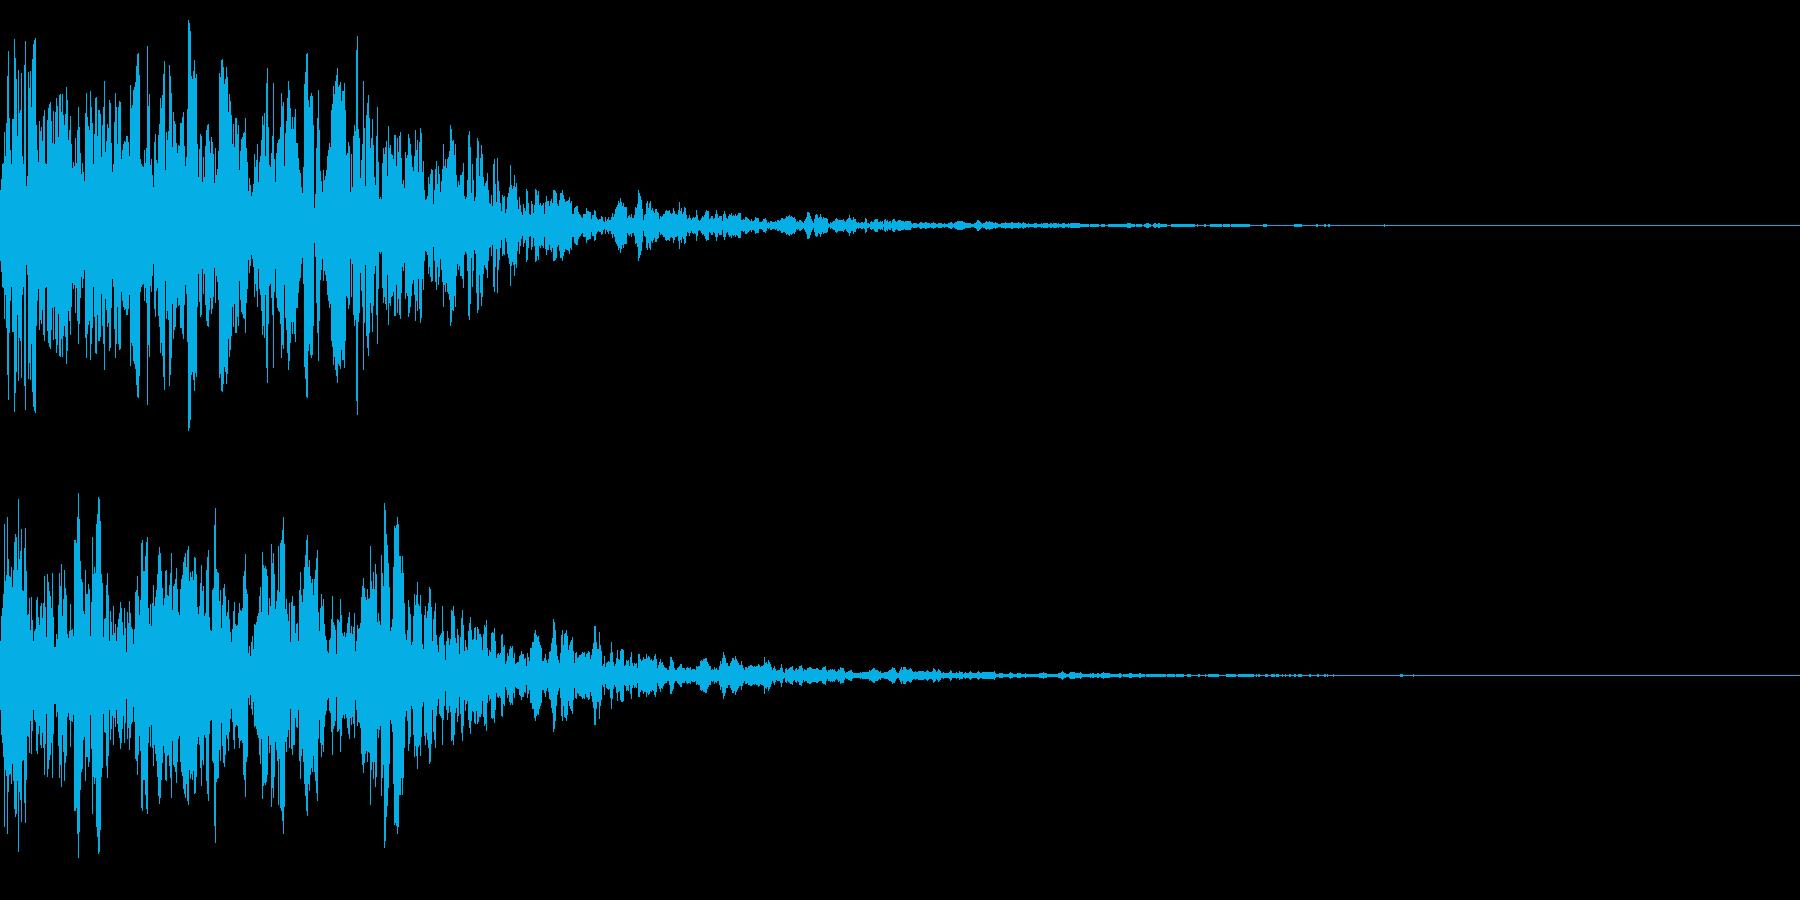 墜落 アニメ 攻撃 戦争 ドカンの再生済みの波形